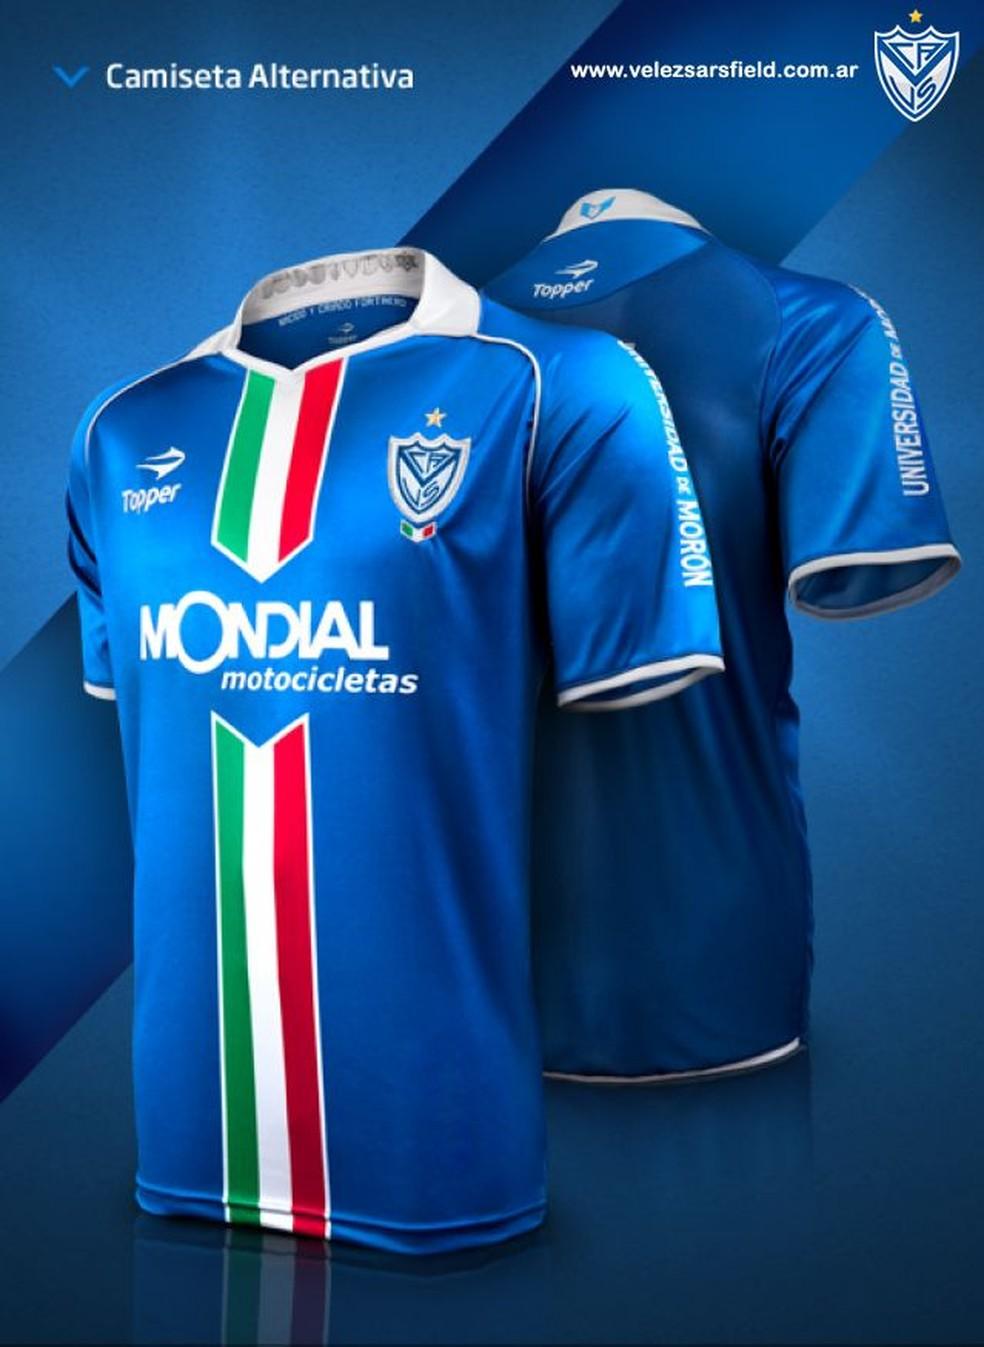 Nova terceira camisa é similar a do Velez Sarsfield de 2012, com alguns detalhes diferentes (Foto: Reprodução)